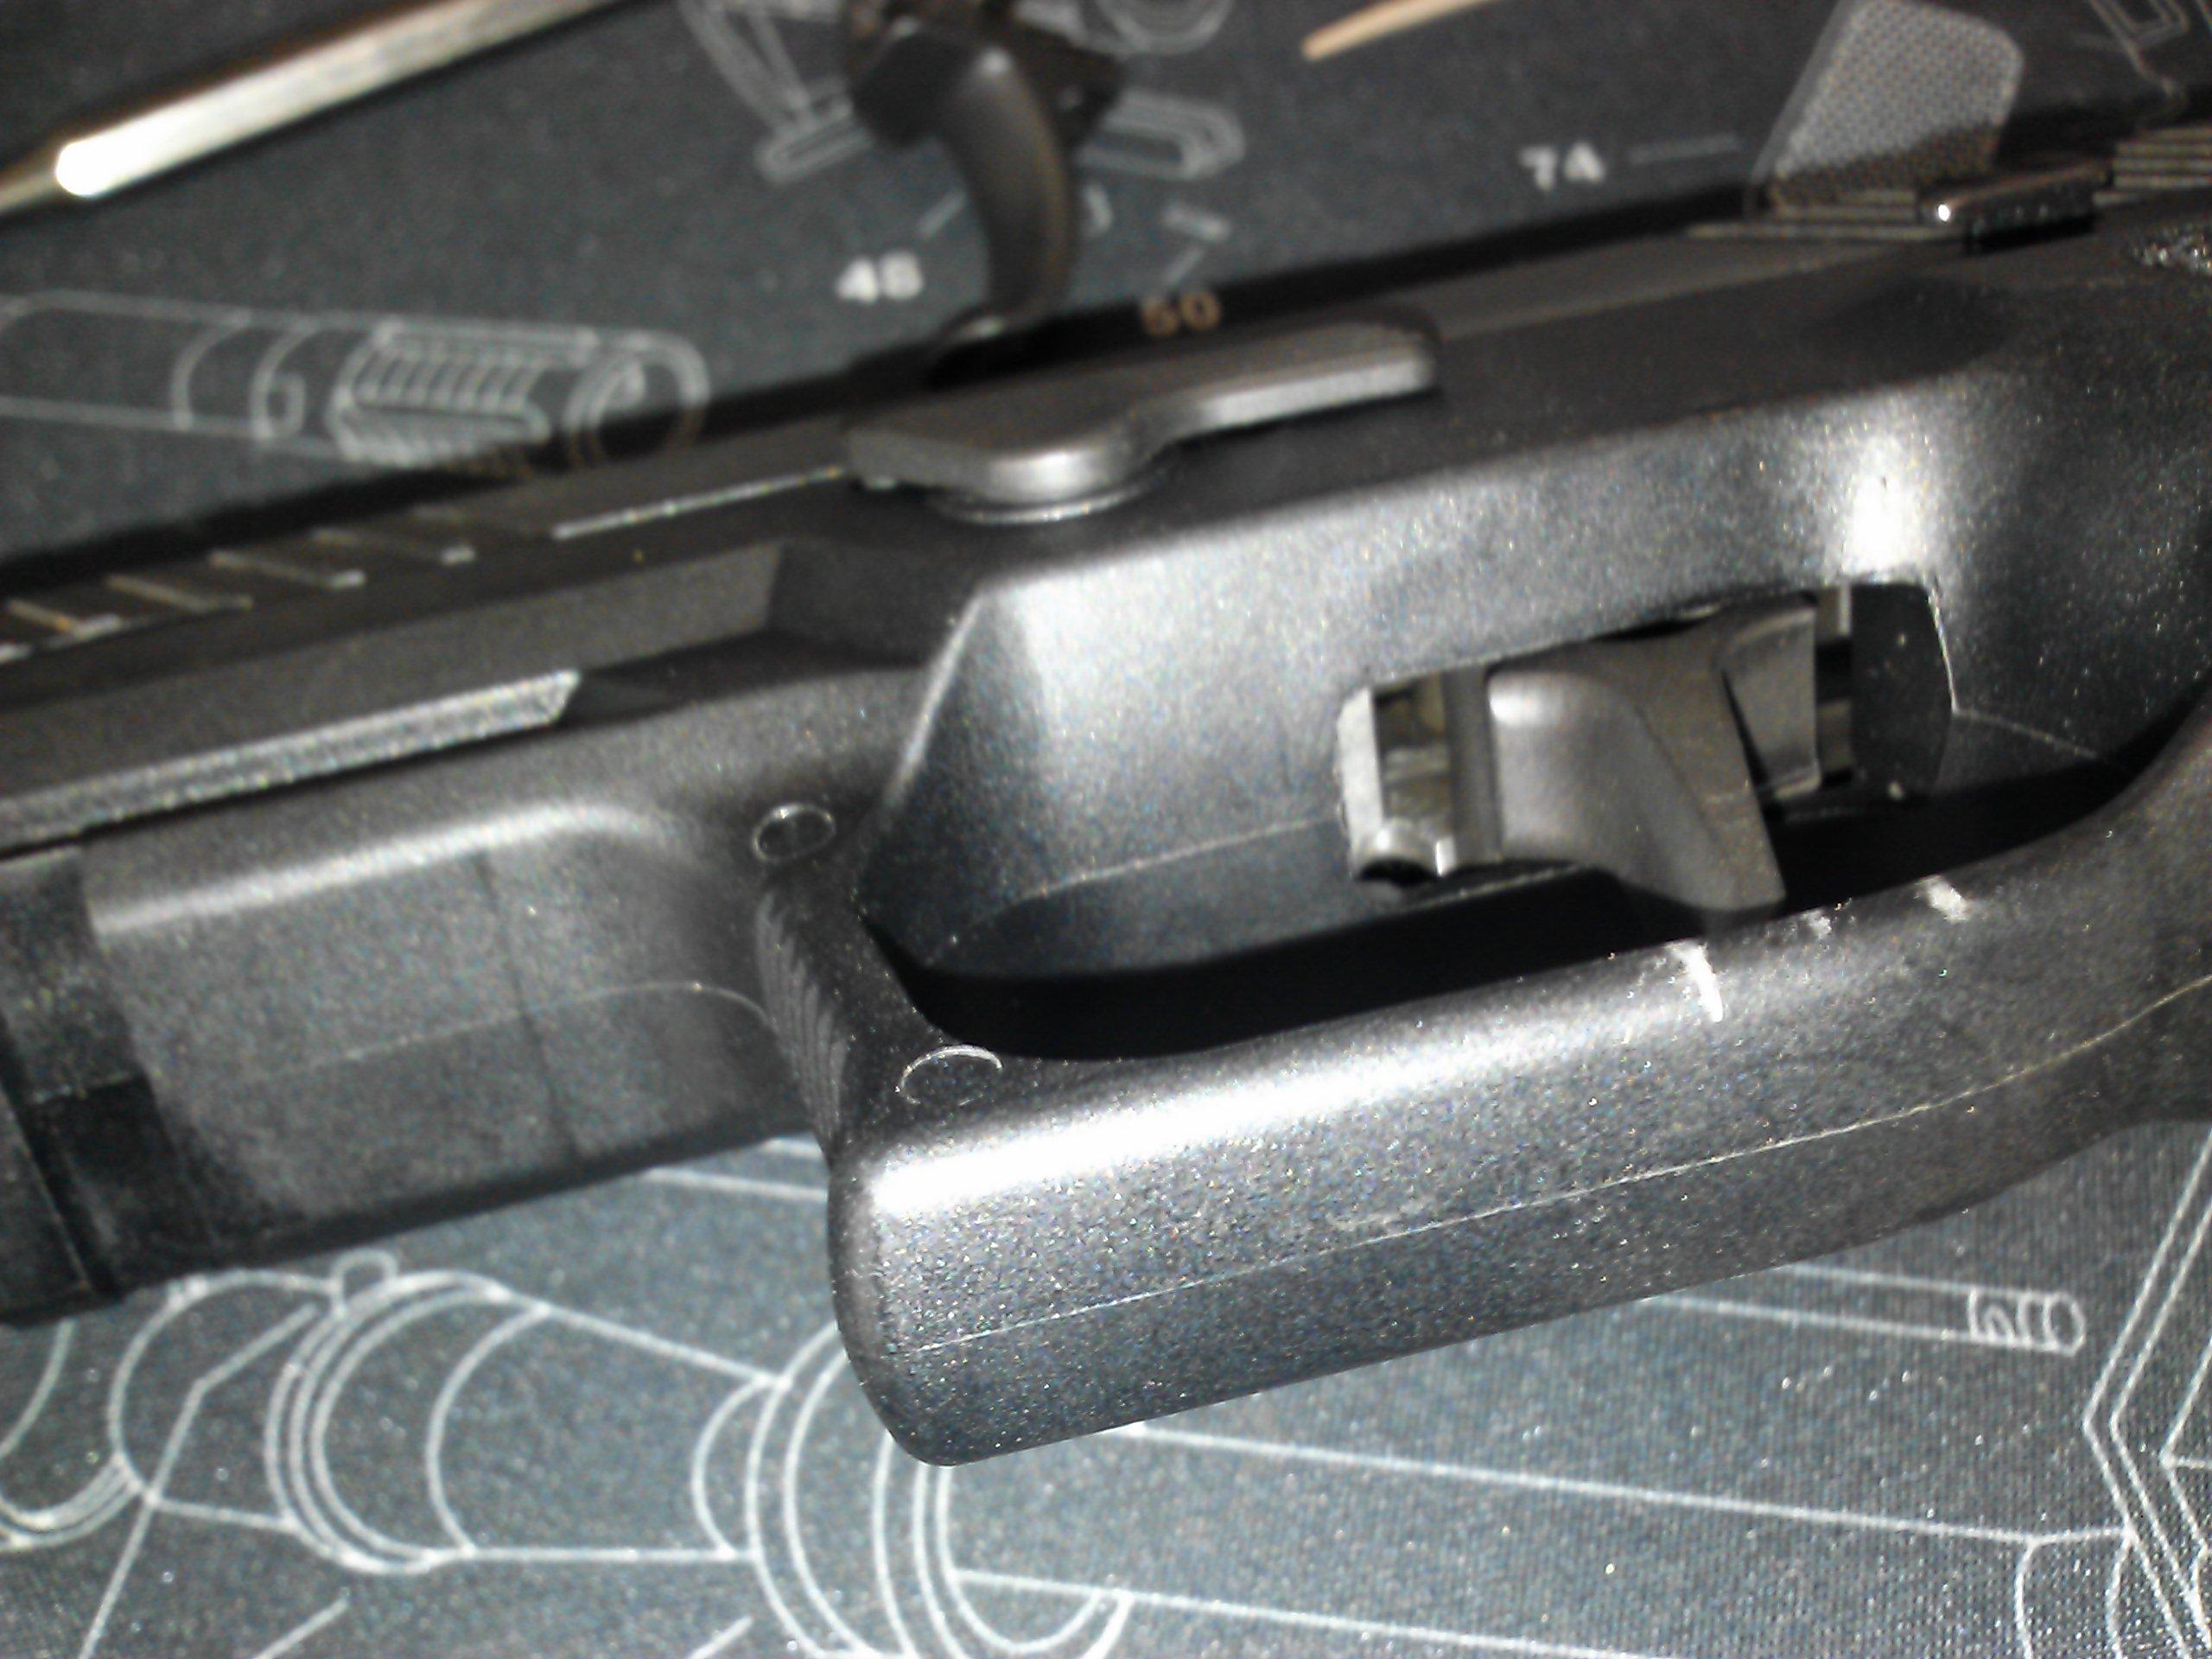 Gray Guns SRT Trigger for HK P30, HK45, etc-cam00606.jpg